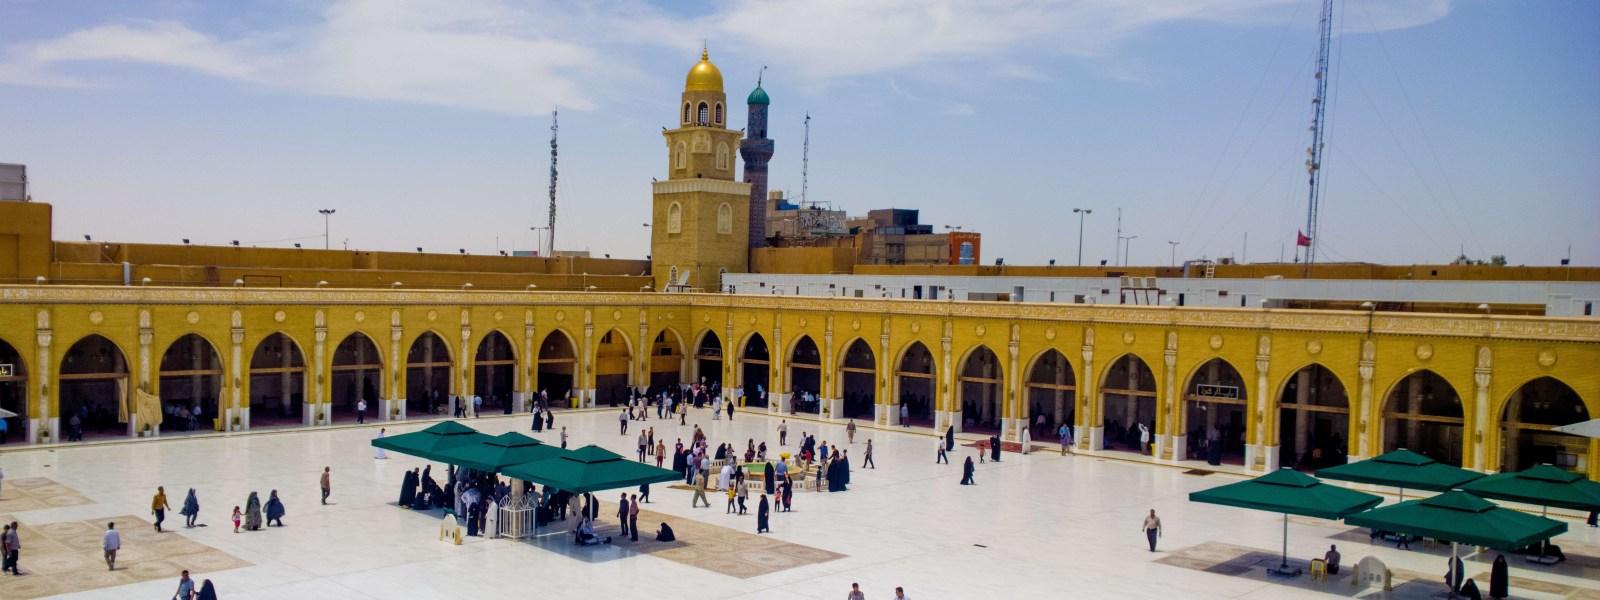 Najaf-Tour-Guide